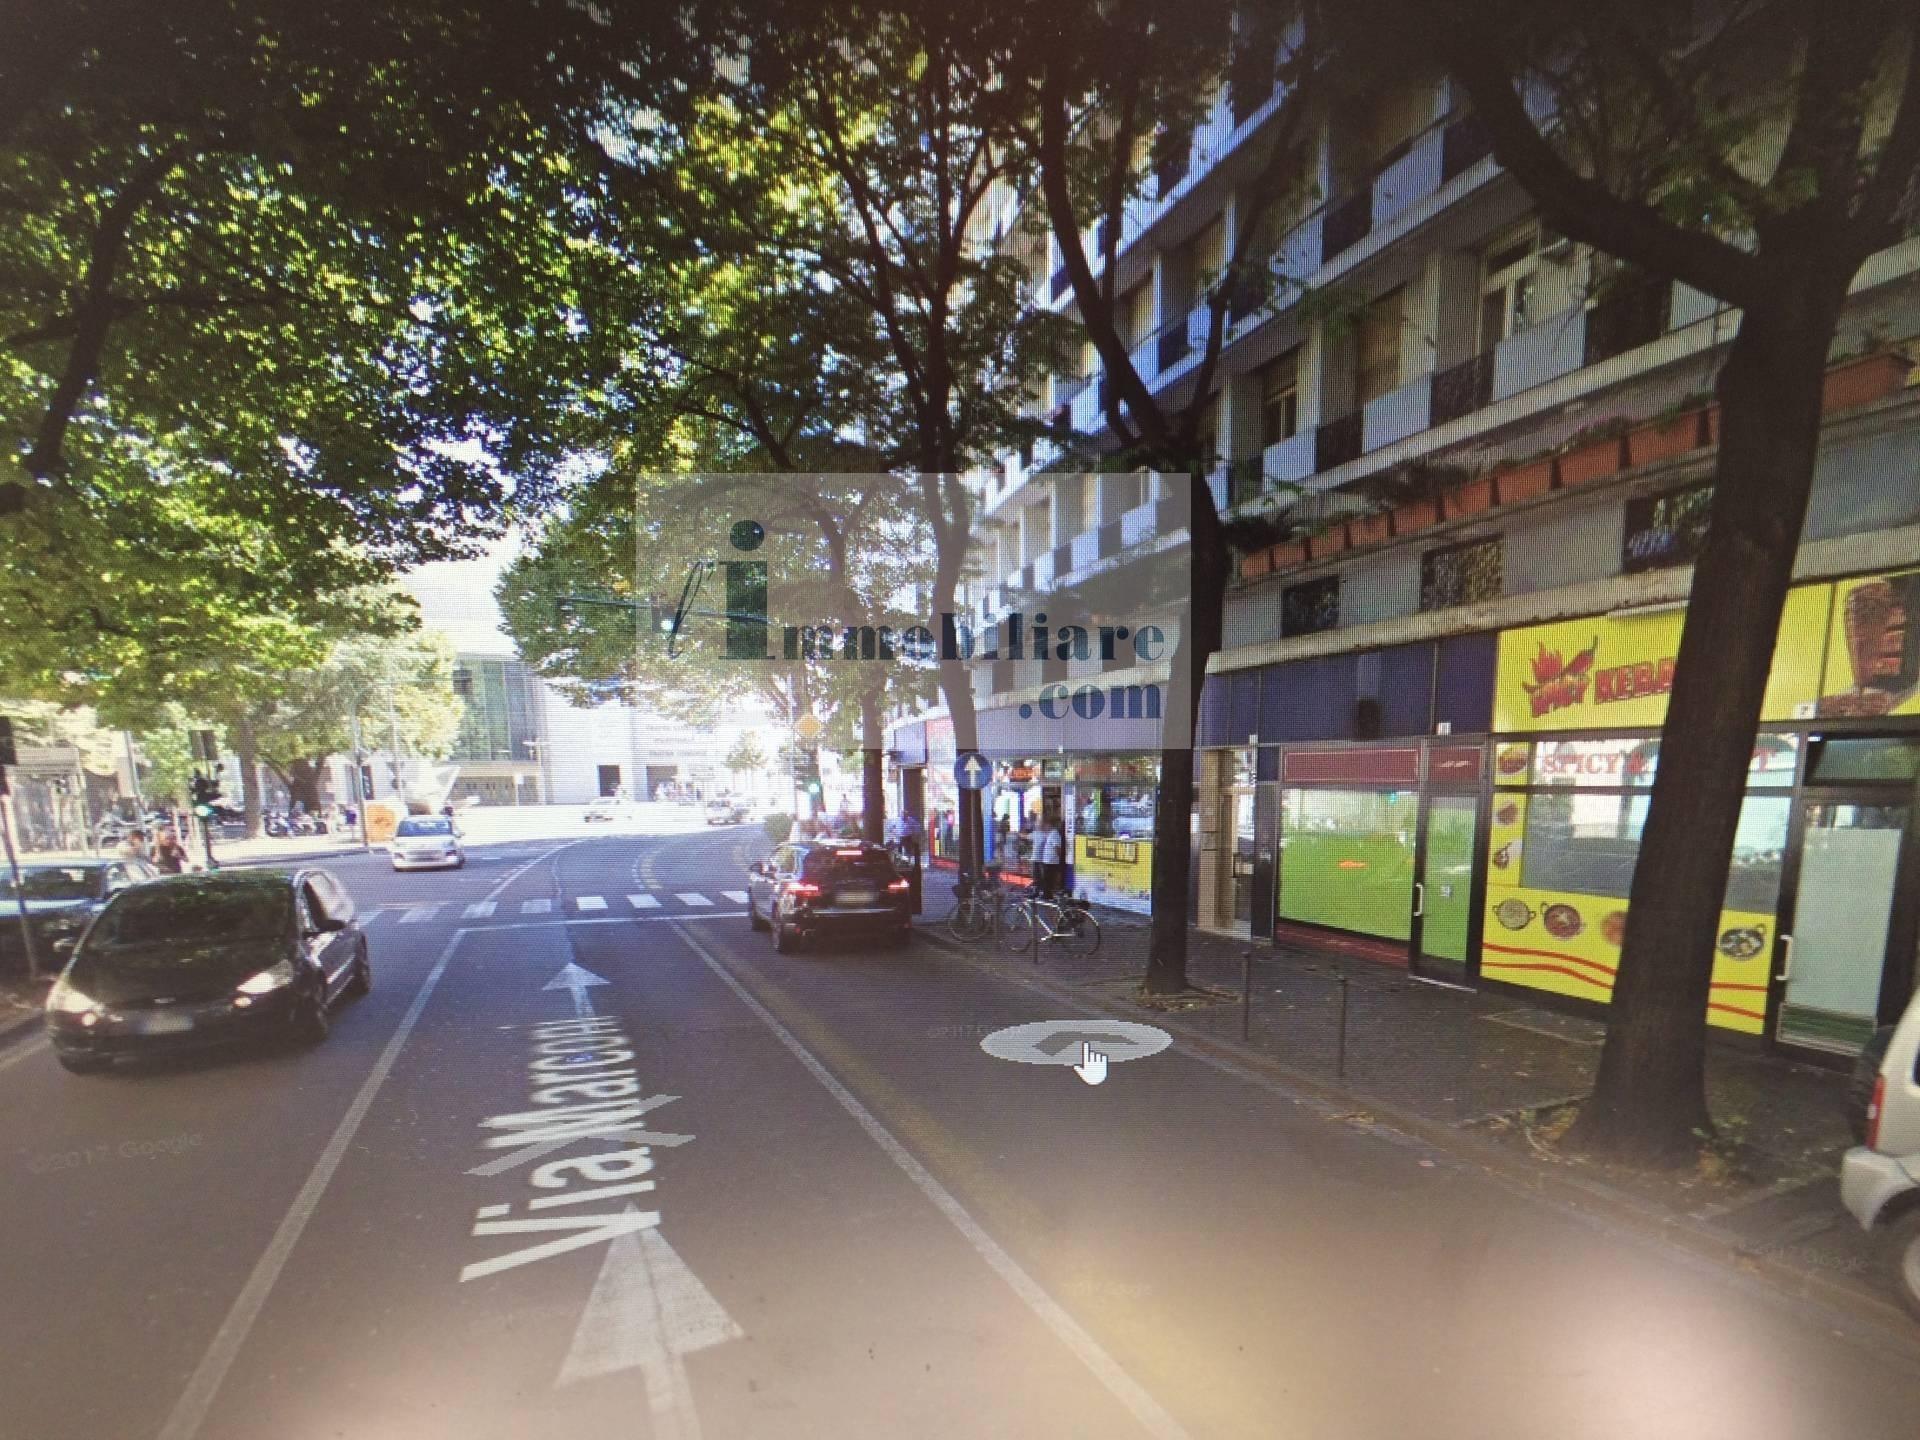 Negozio / Locale in vendita a Bolzano, 2 locali, zona Zona: Centro, prezzo € 78.000 | CambioCasa.it